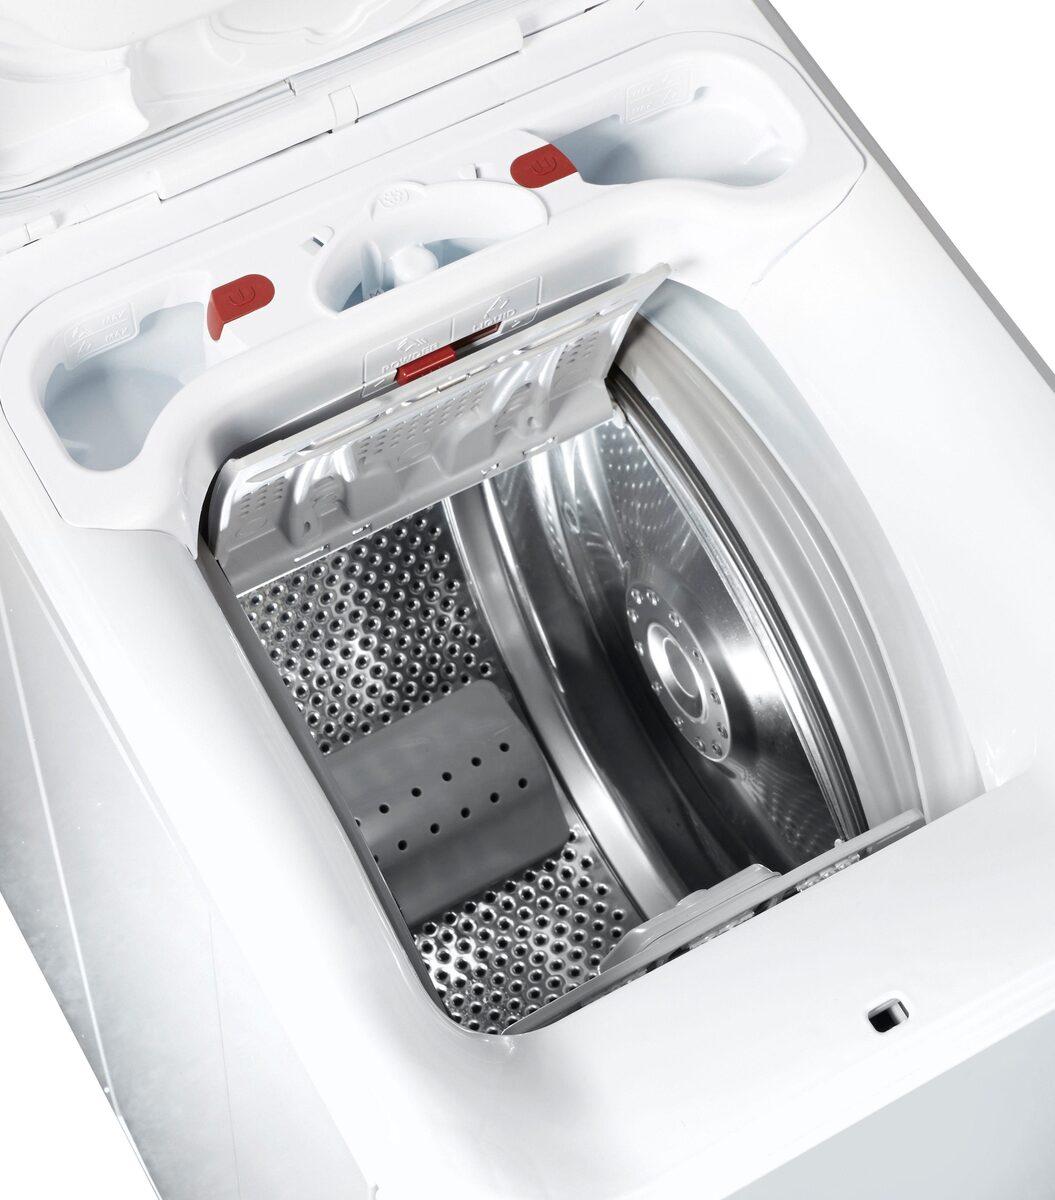 Bild 3 von AEG Waschmaschine Toplader L7TE74275, 7 kg, 1200 U/Min, ProSteam - Auffrischfunktion